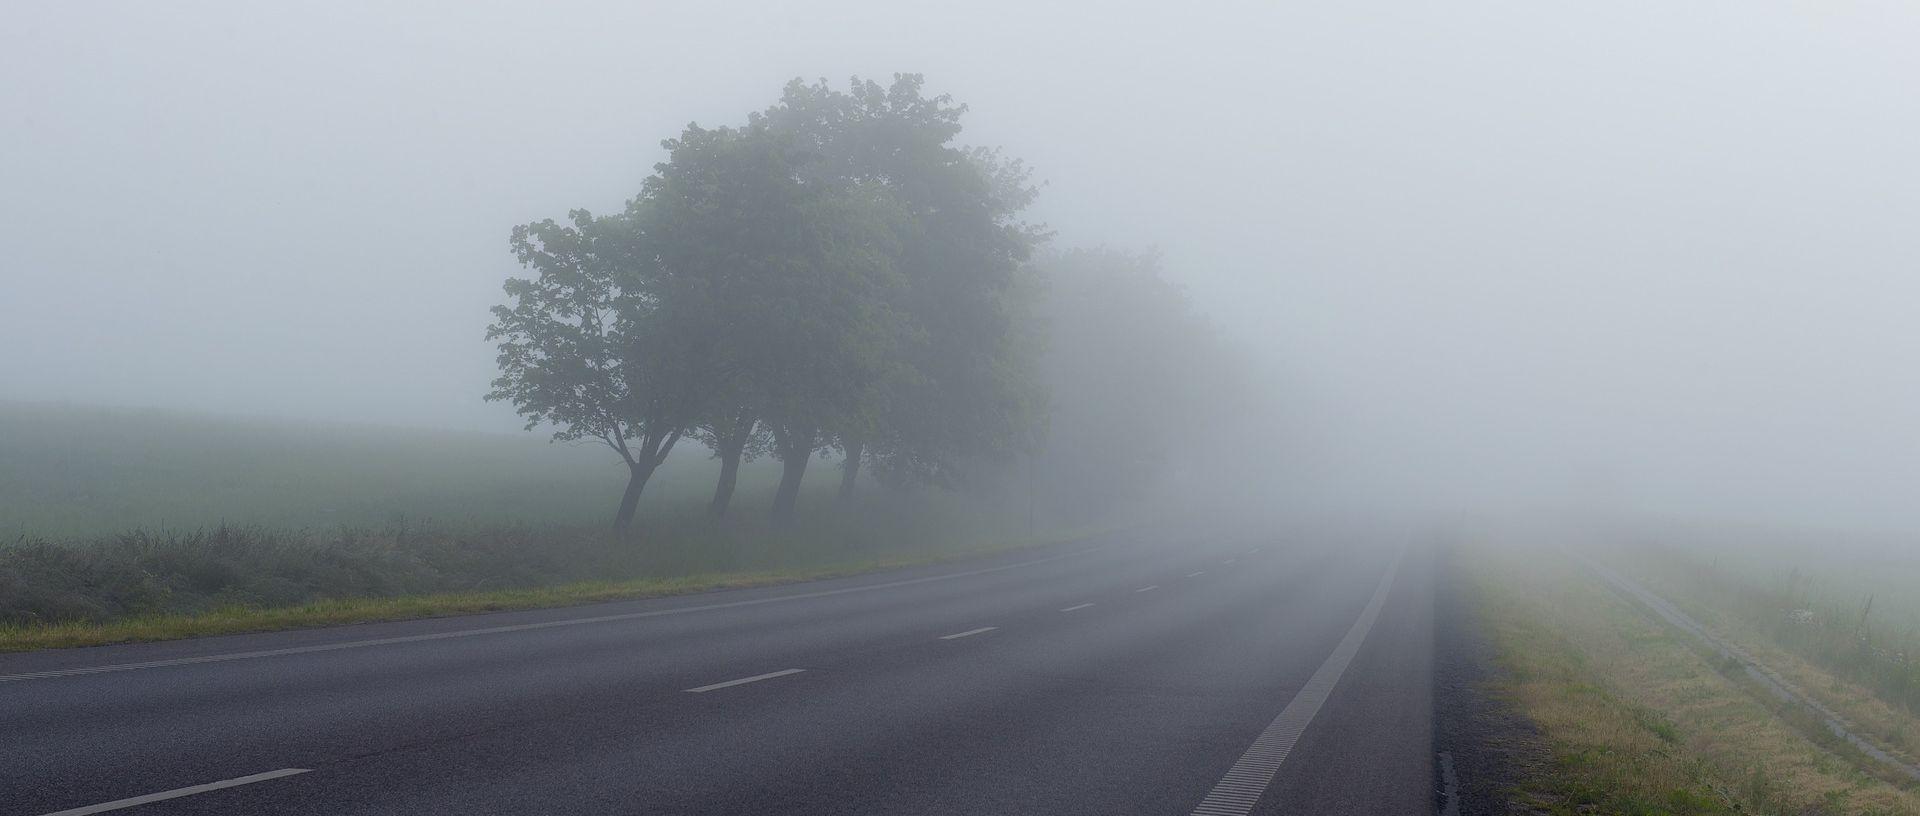 Magla smanjuje vidljivost, tijekom dana pojačan promet